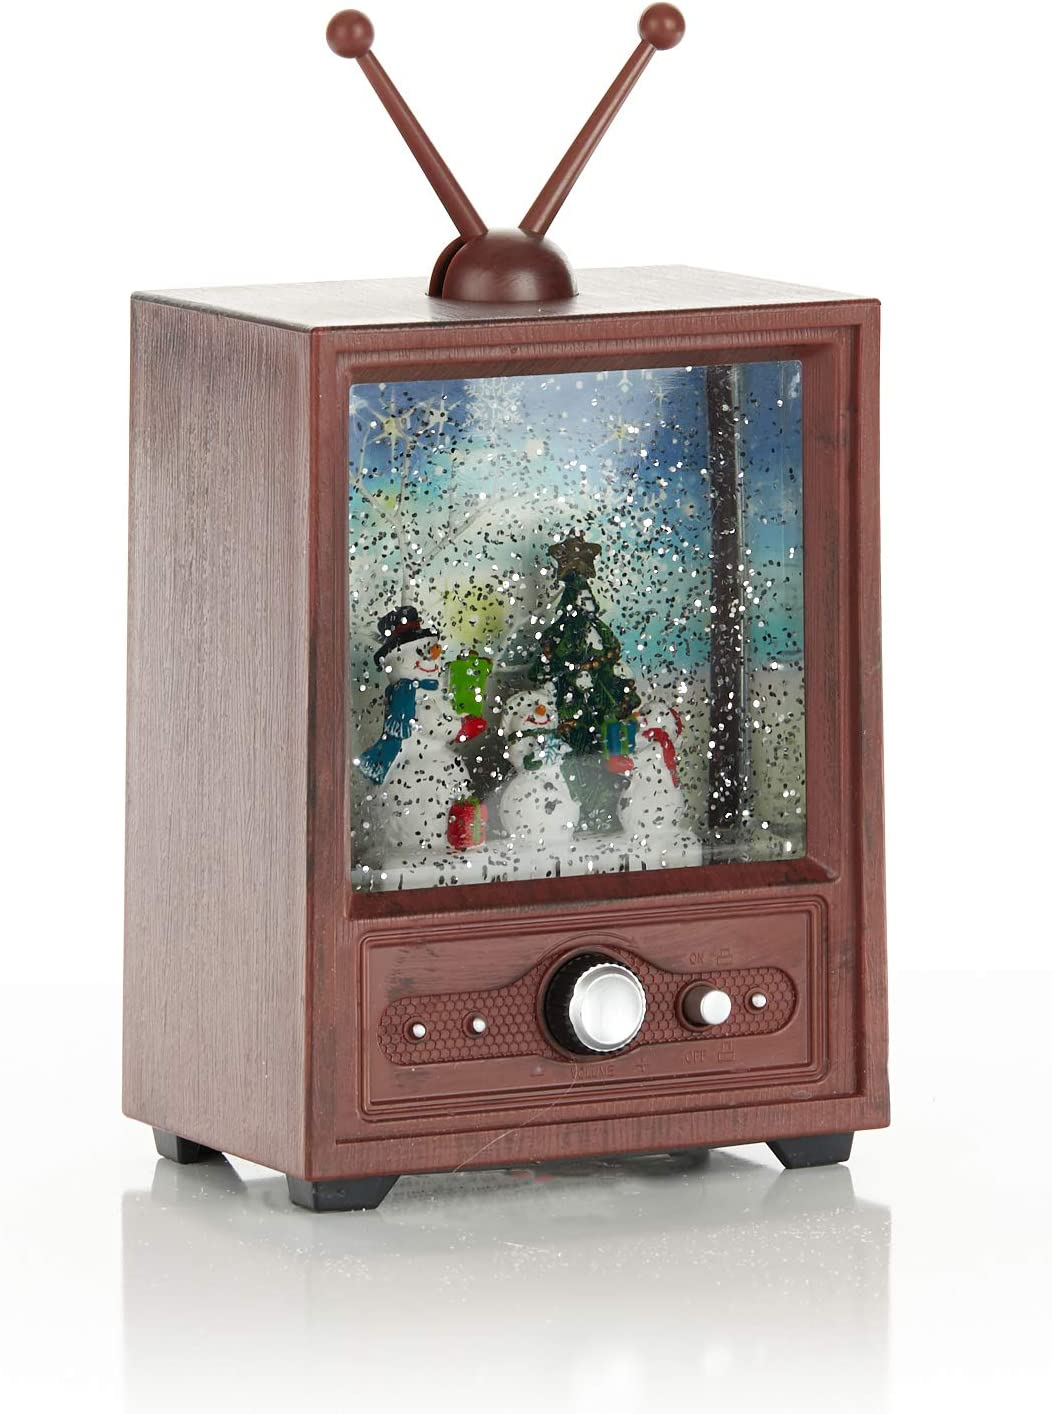 ReLive - Televisor de Navidad (LED, diseño de muñeco de Nieve): Amazon.es: Hogar